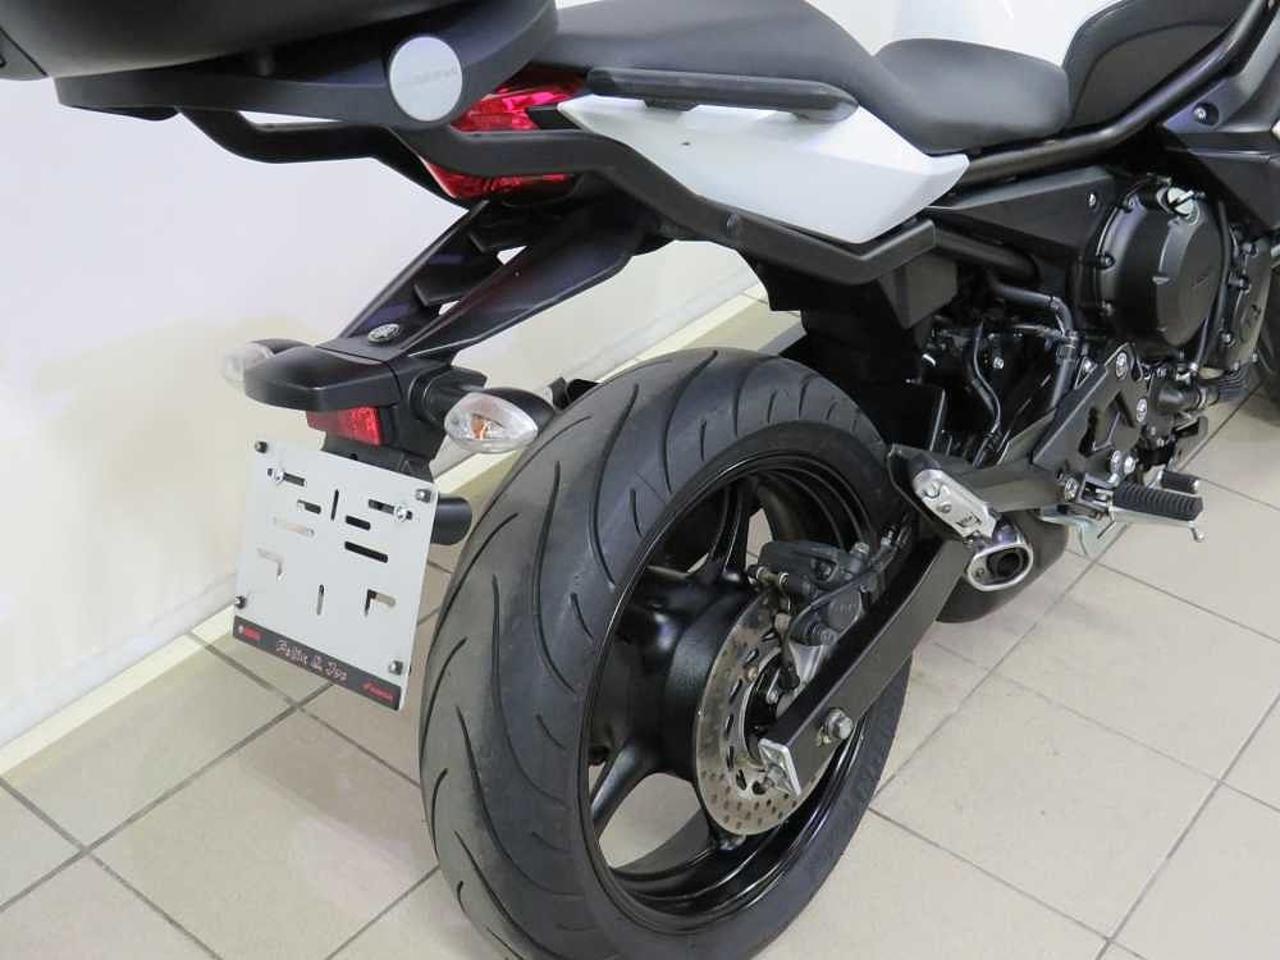 Yamaha XJ6N - BikesRepublic